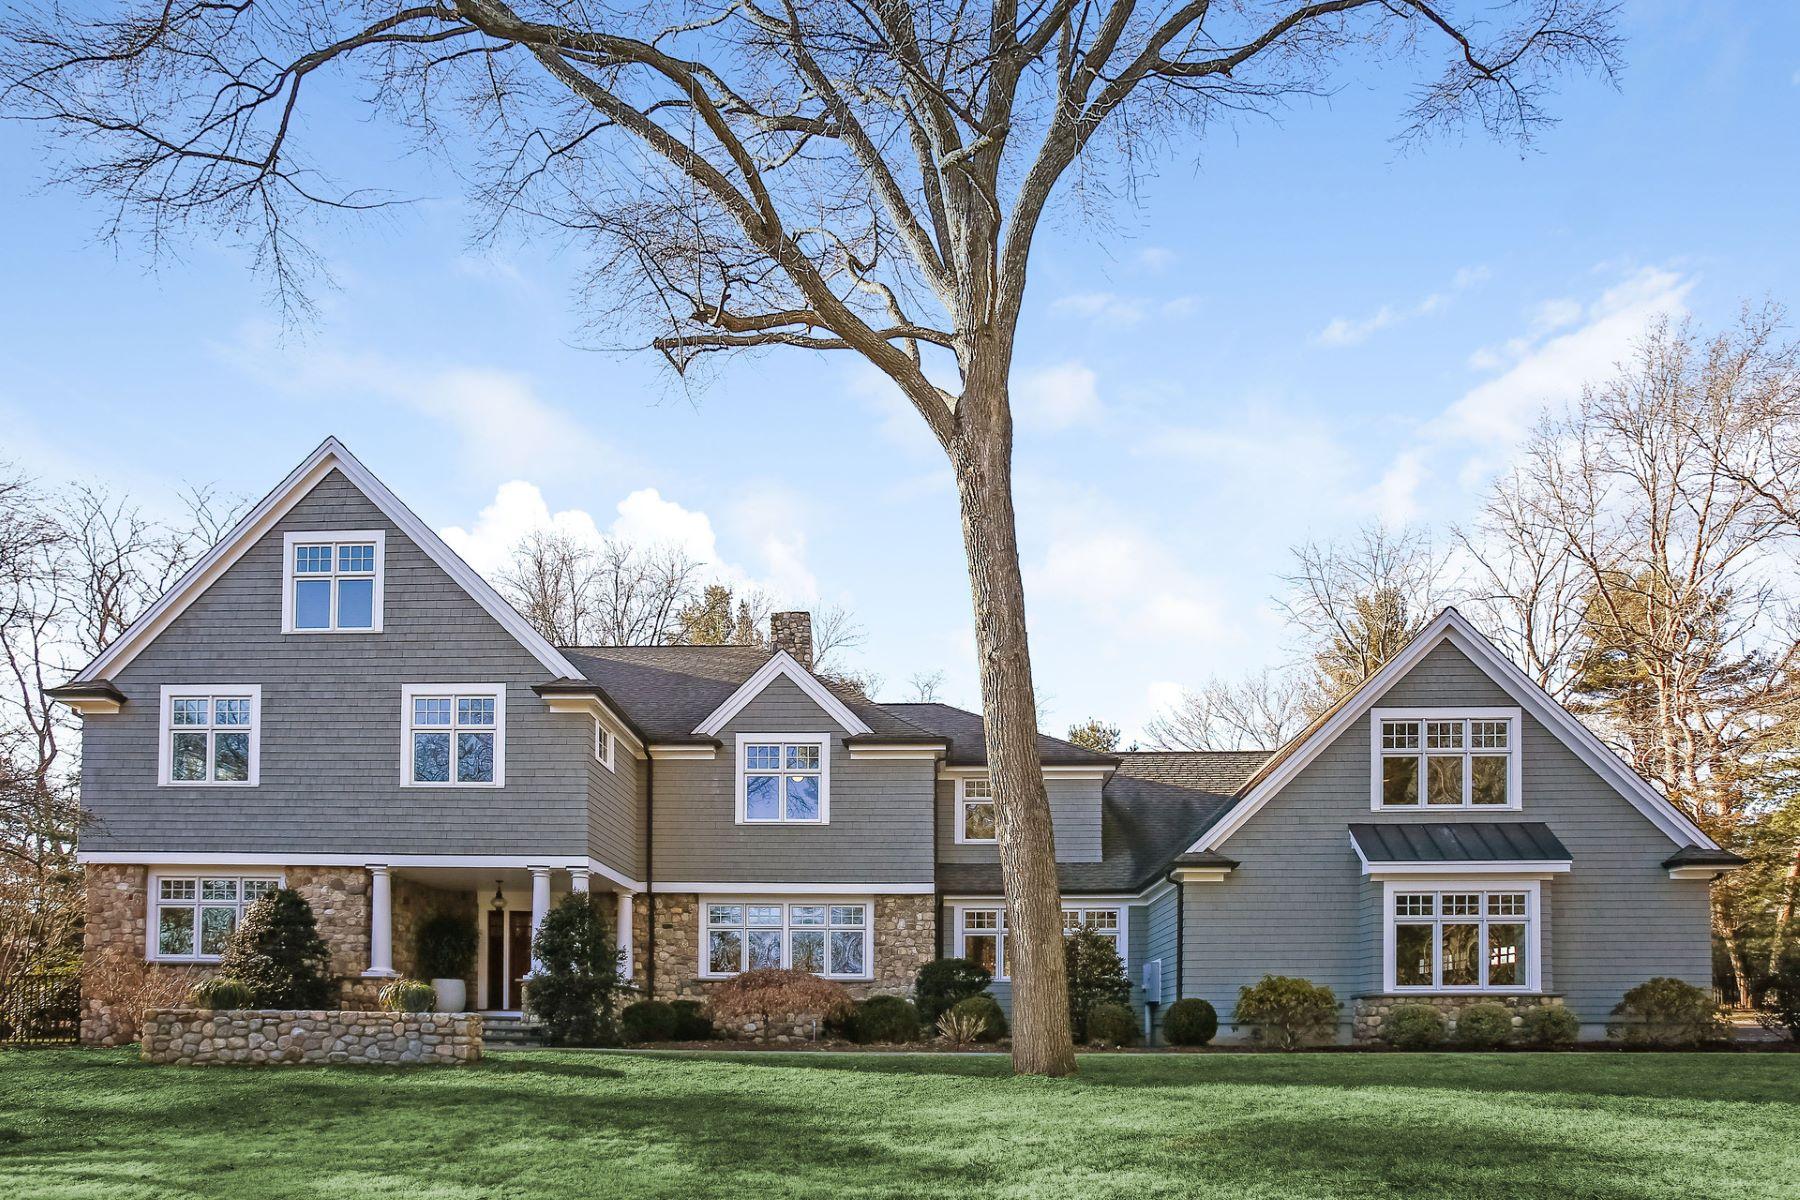 House for Sale at 6 Priscilla Lane 6 Priscilla Lane Darien, Connecticut 06820 United States